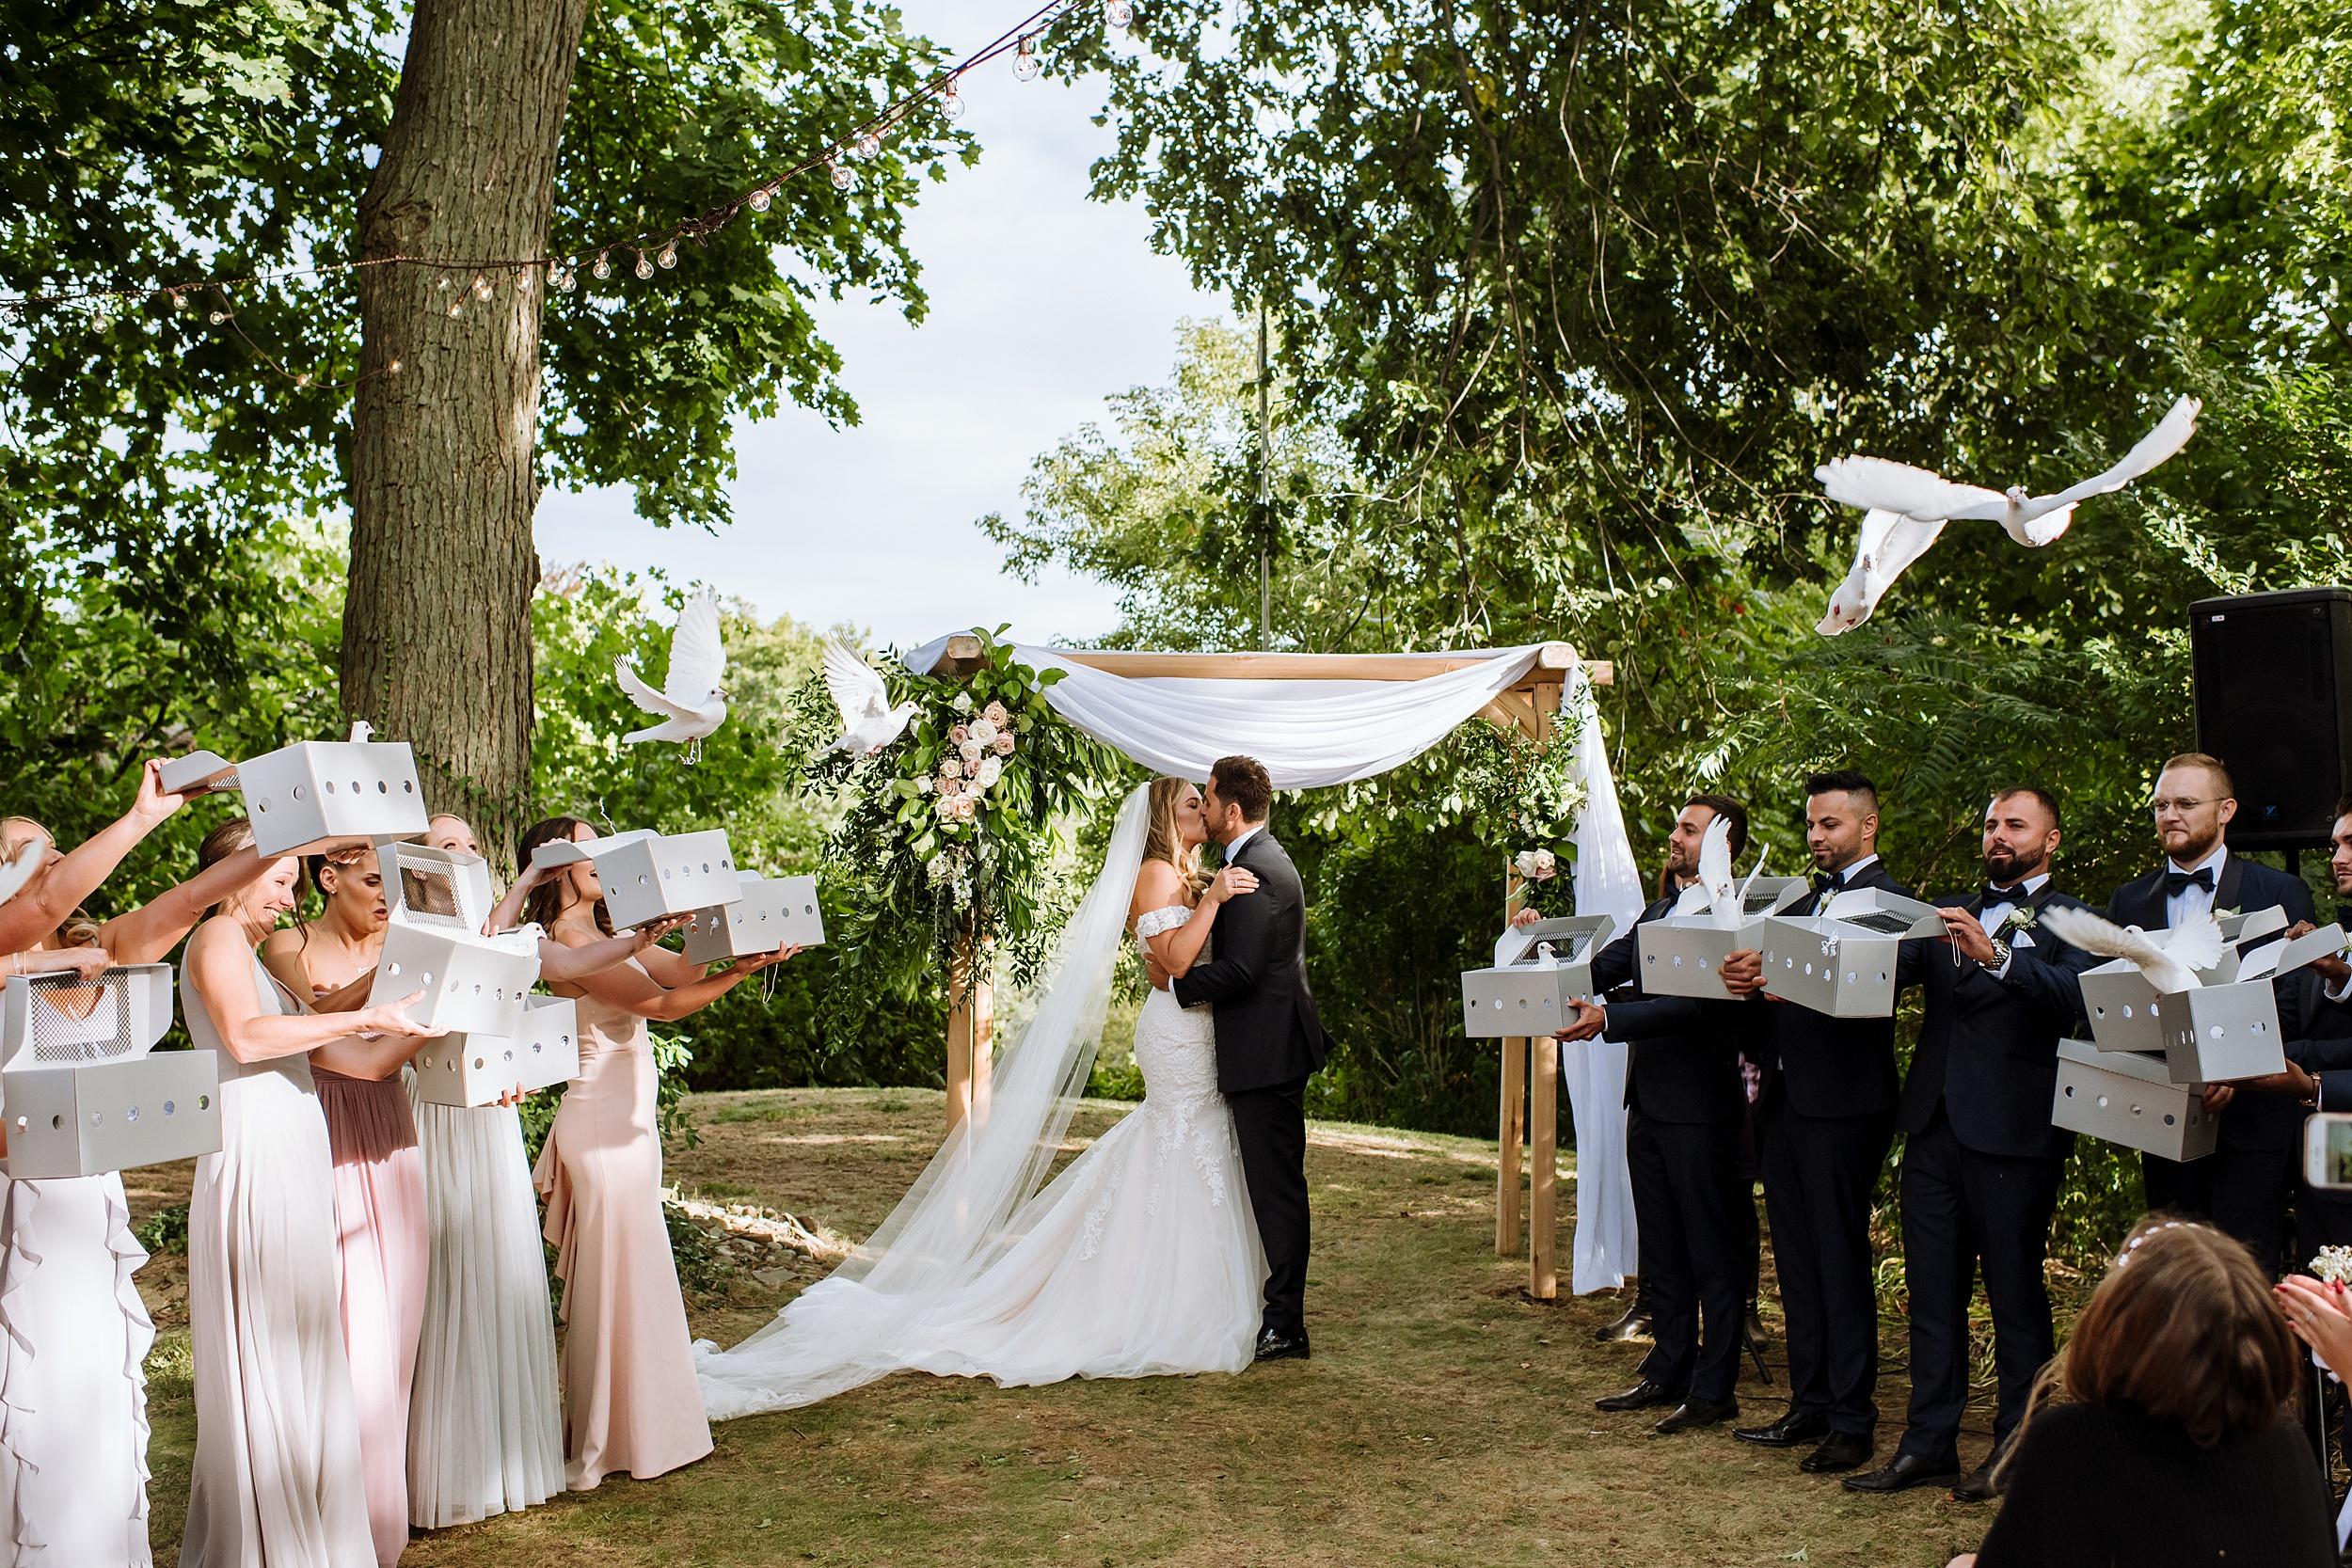 Rustic_Backyard_Wedding_Toronto_Photographer117.jpg